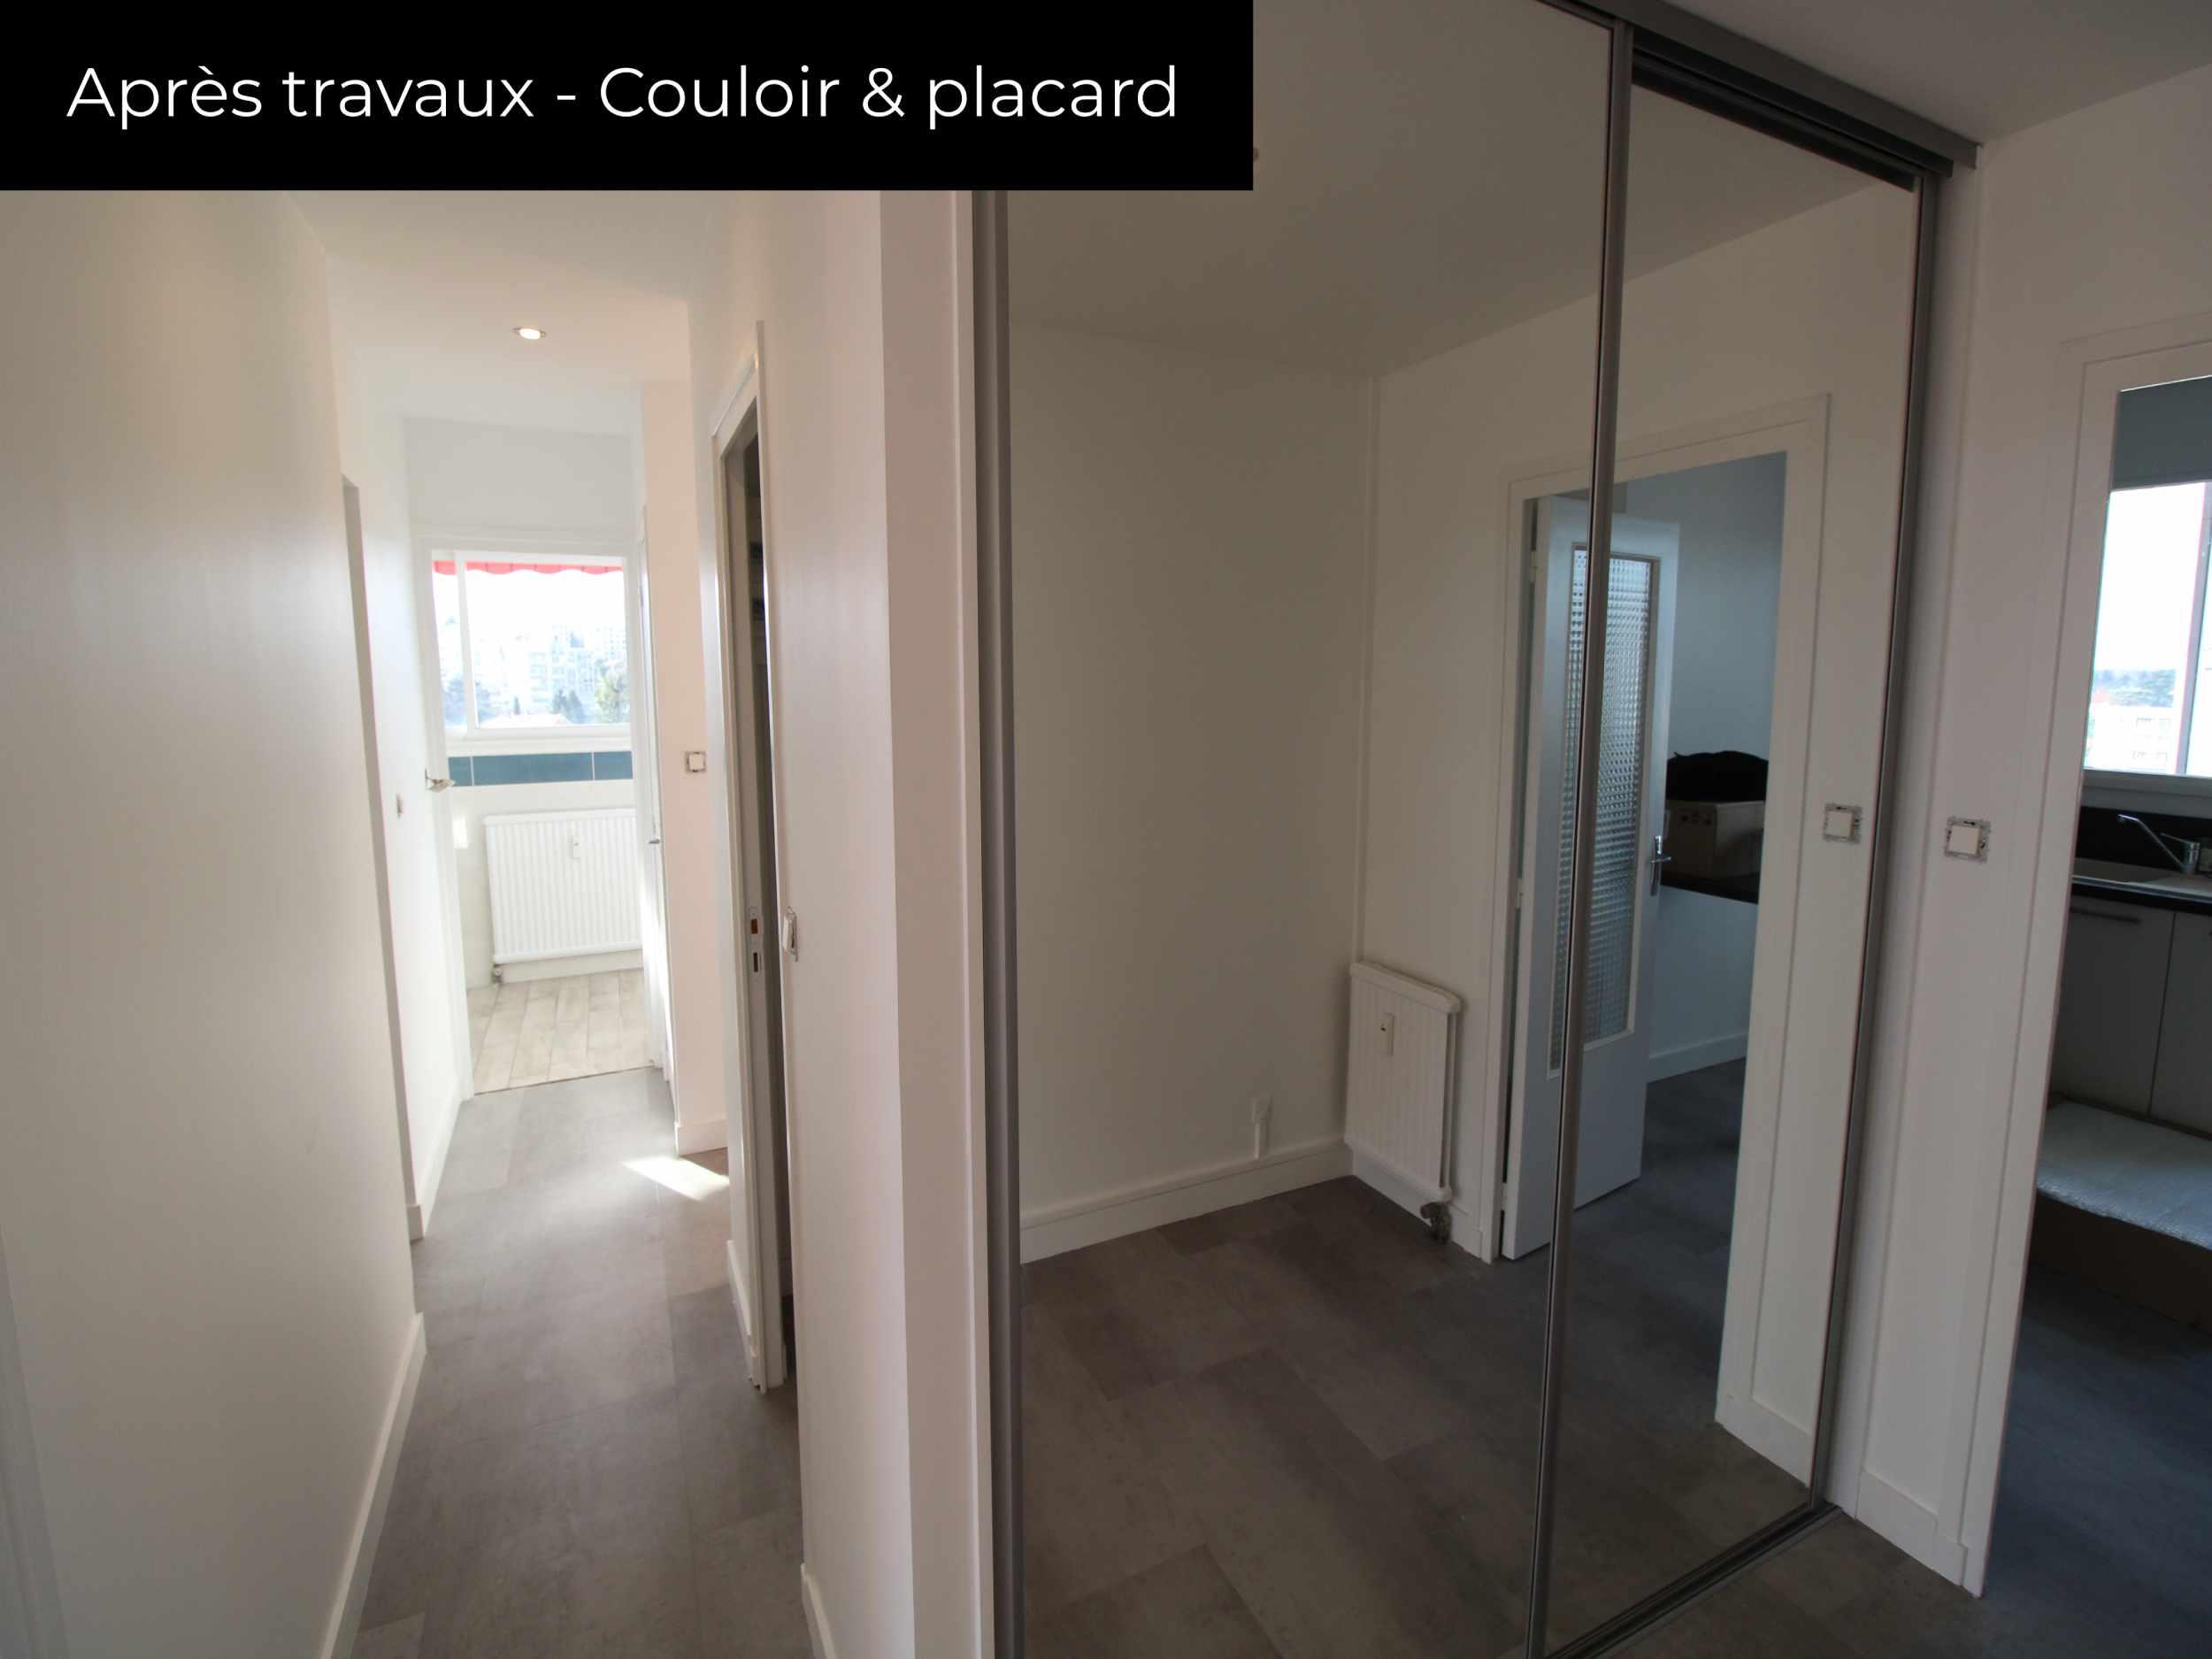 renovation-appartement-lyon-couloir-placard-apres